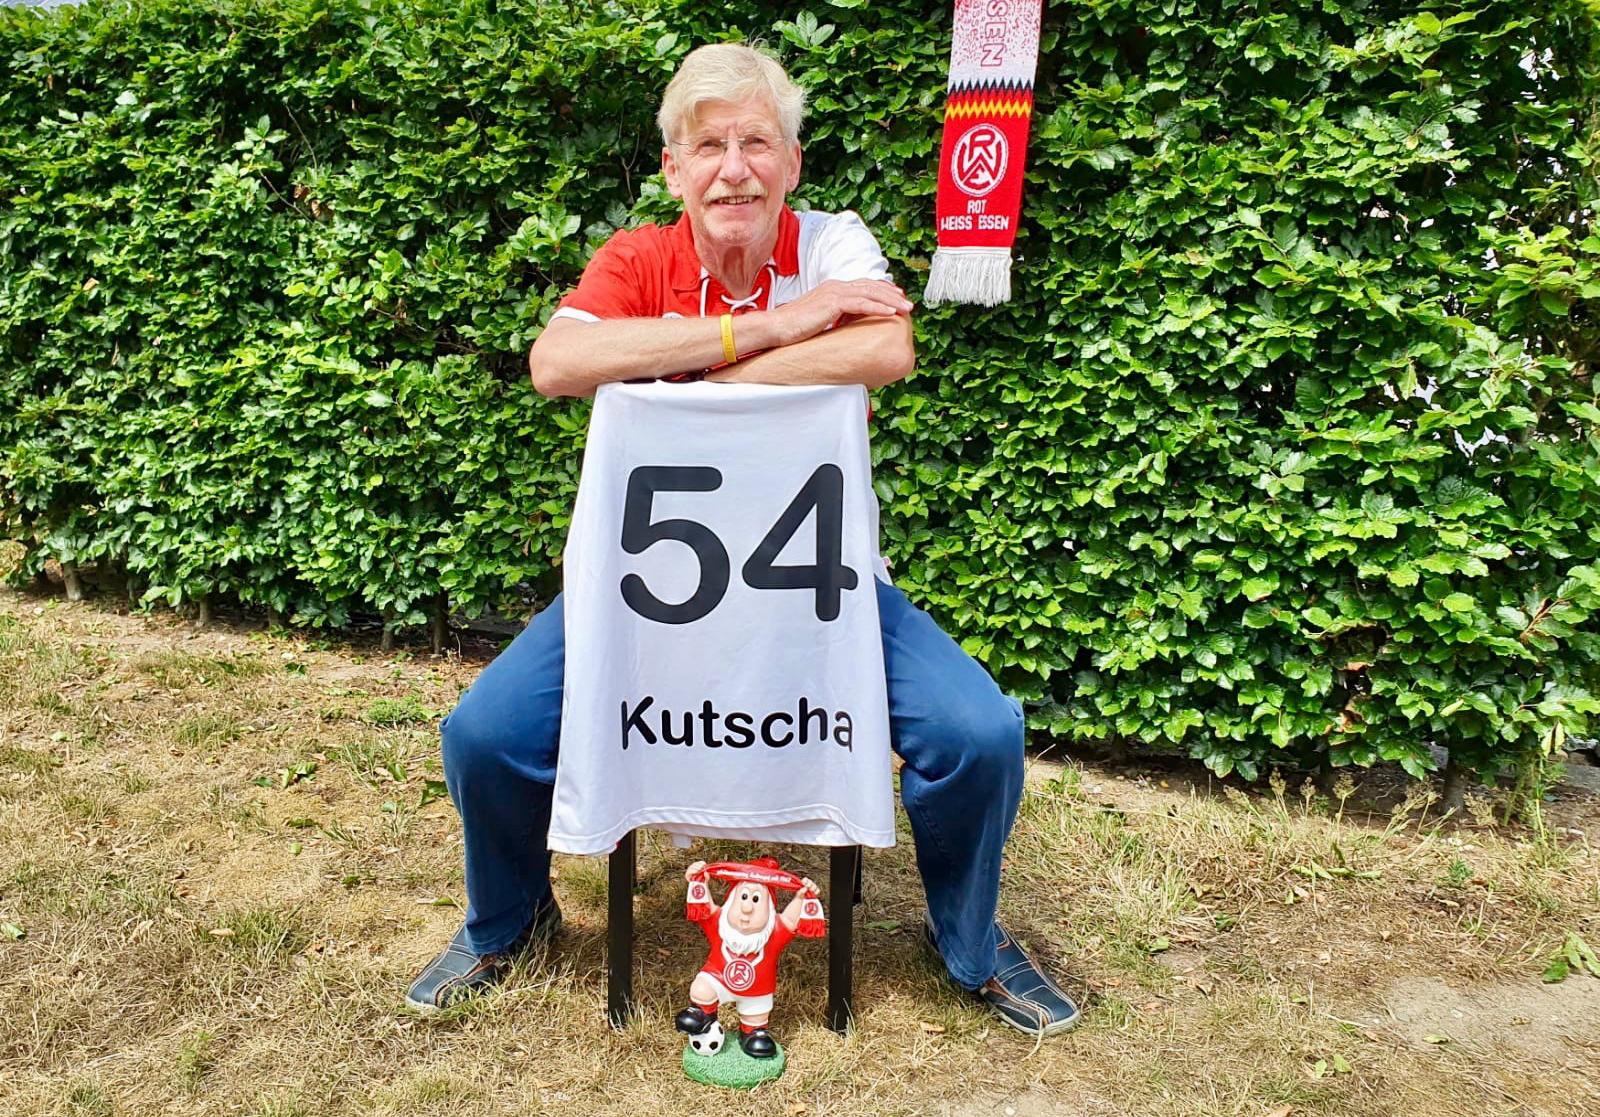 """Lothar van Koll: Der """"Kutscha"""" aus dem RWE-Forum hat eine großartige Spende für die rot-weisse Jugend organisiert. (Foto: privat)"""